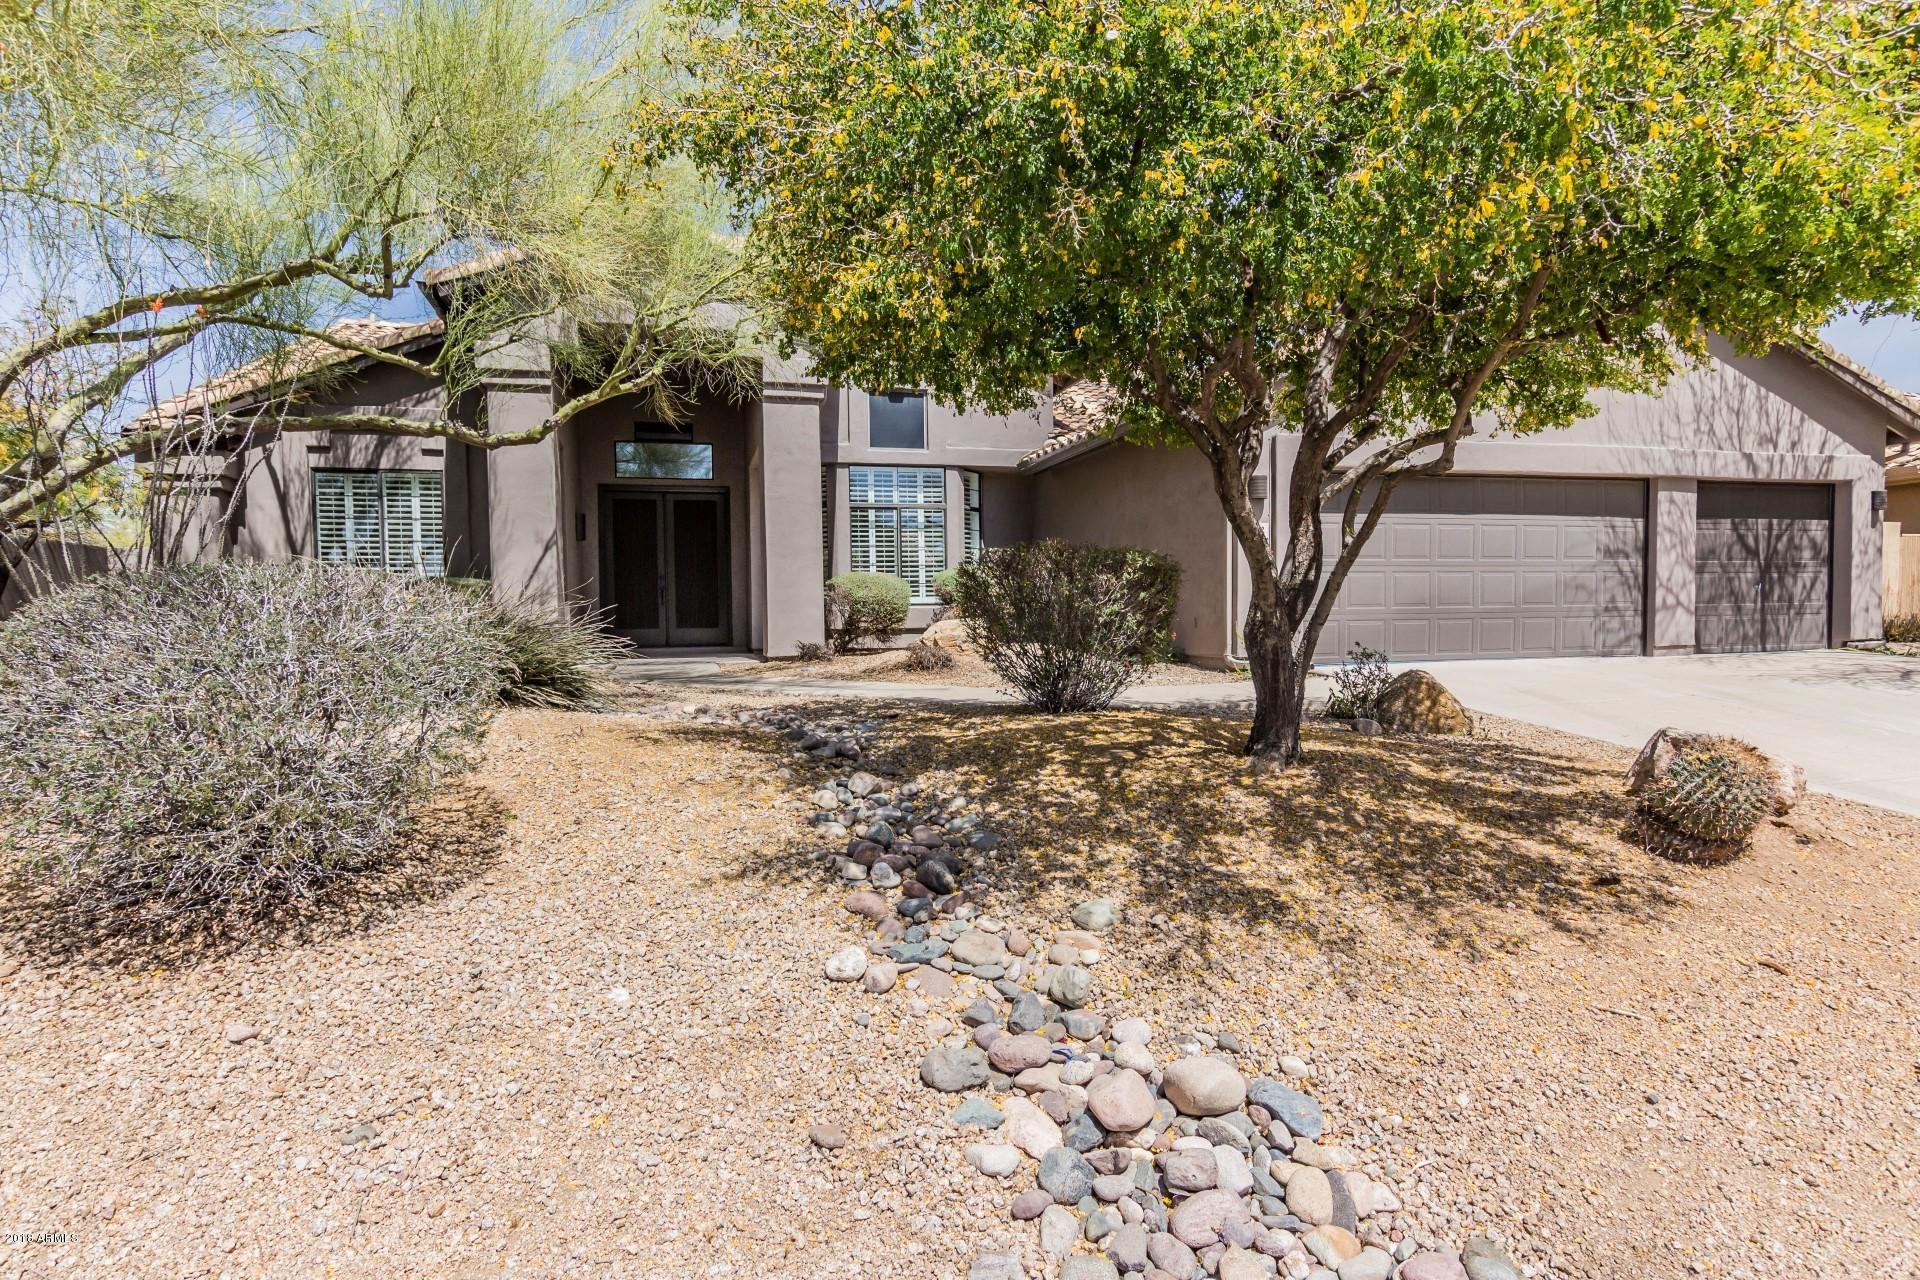 Photo of 9312 E QUARRY Trail, Scottsdale, AZ 85262